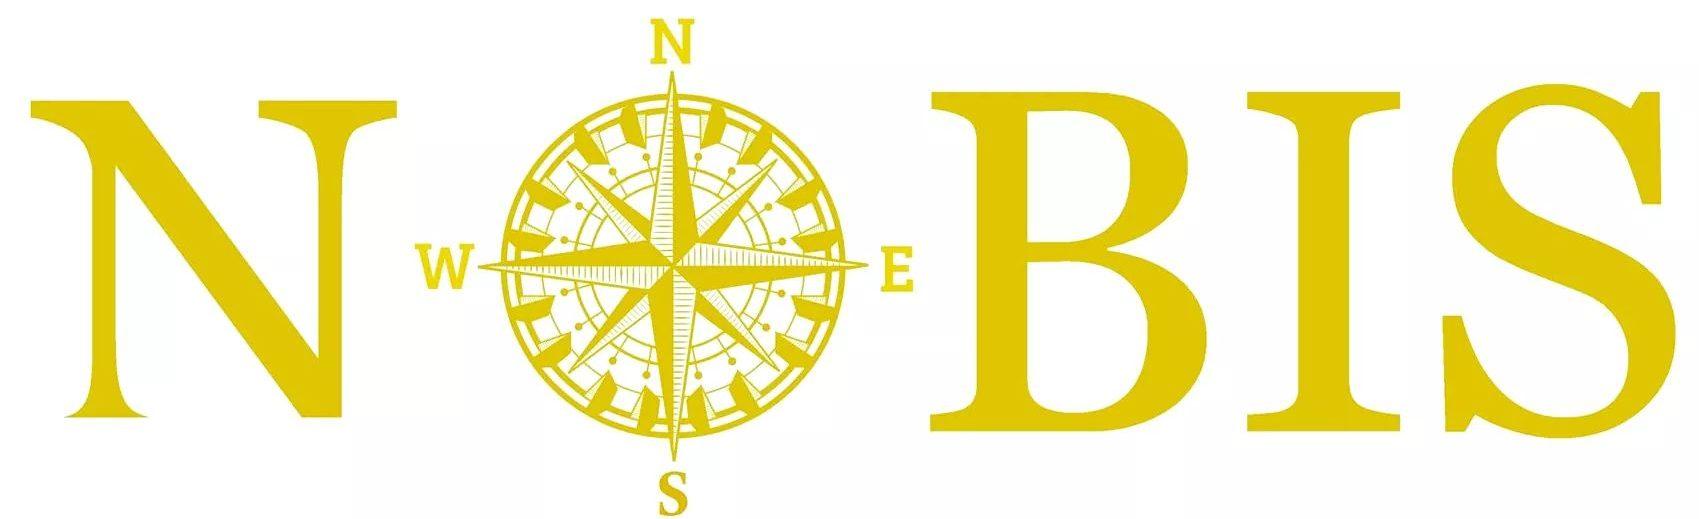 Turistička agencija Nobis | Uvjeti prodaje i rezervacije - Turistička agencija Nobis